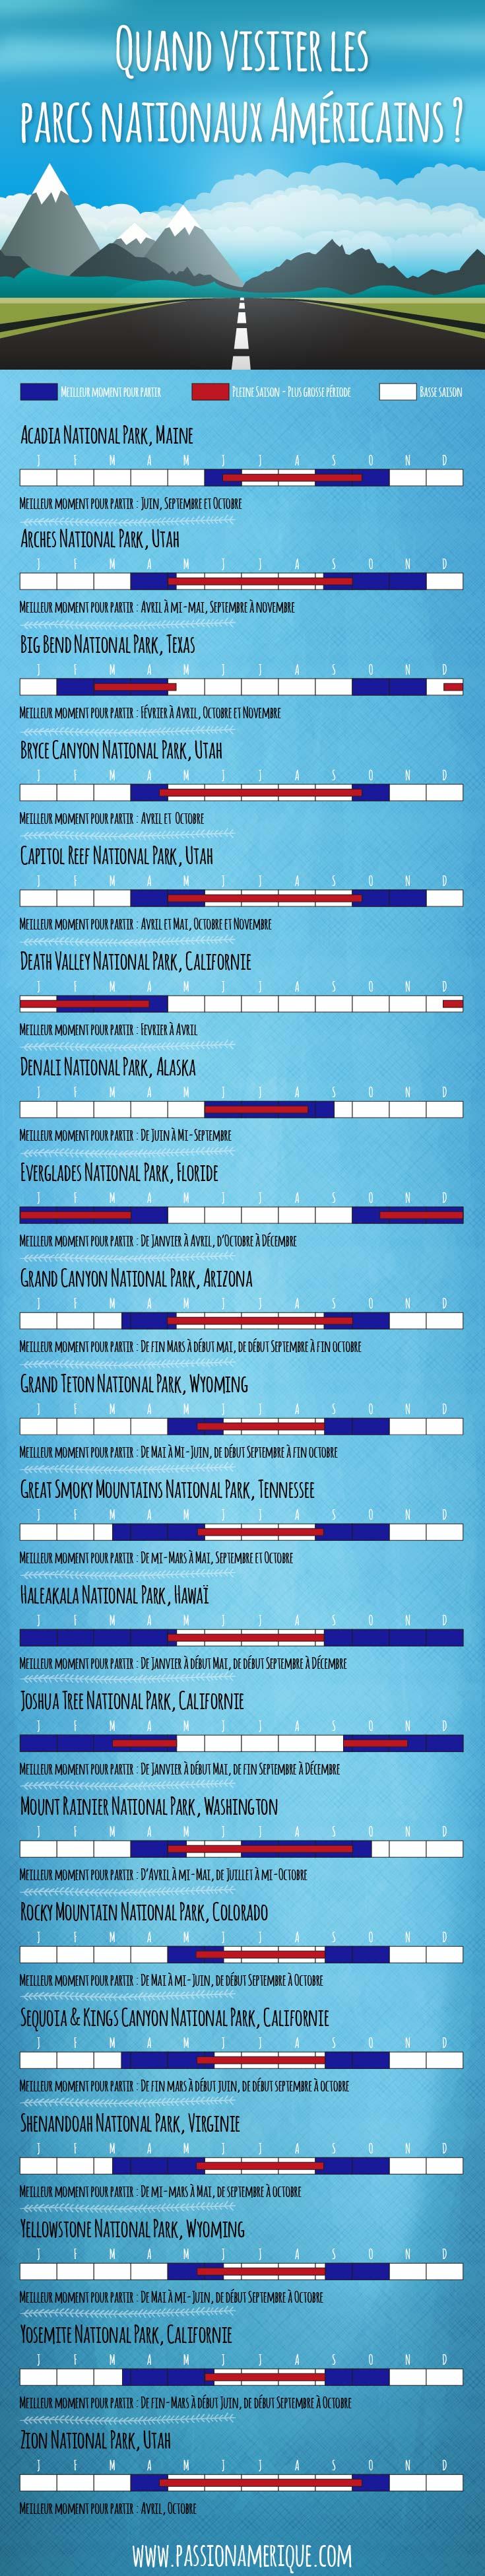 infographie quelle période choisir pour visiter les parcs nationaux américains